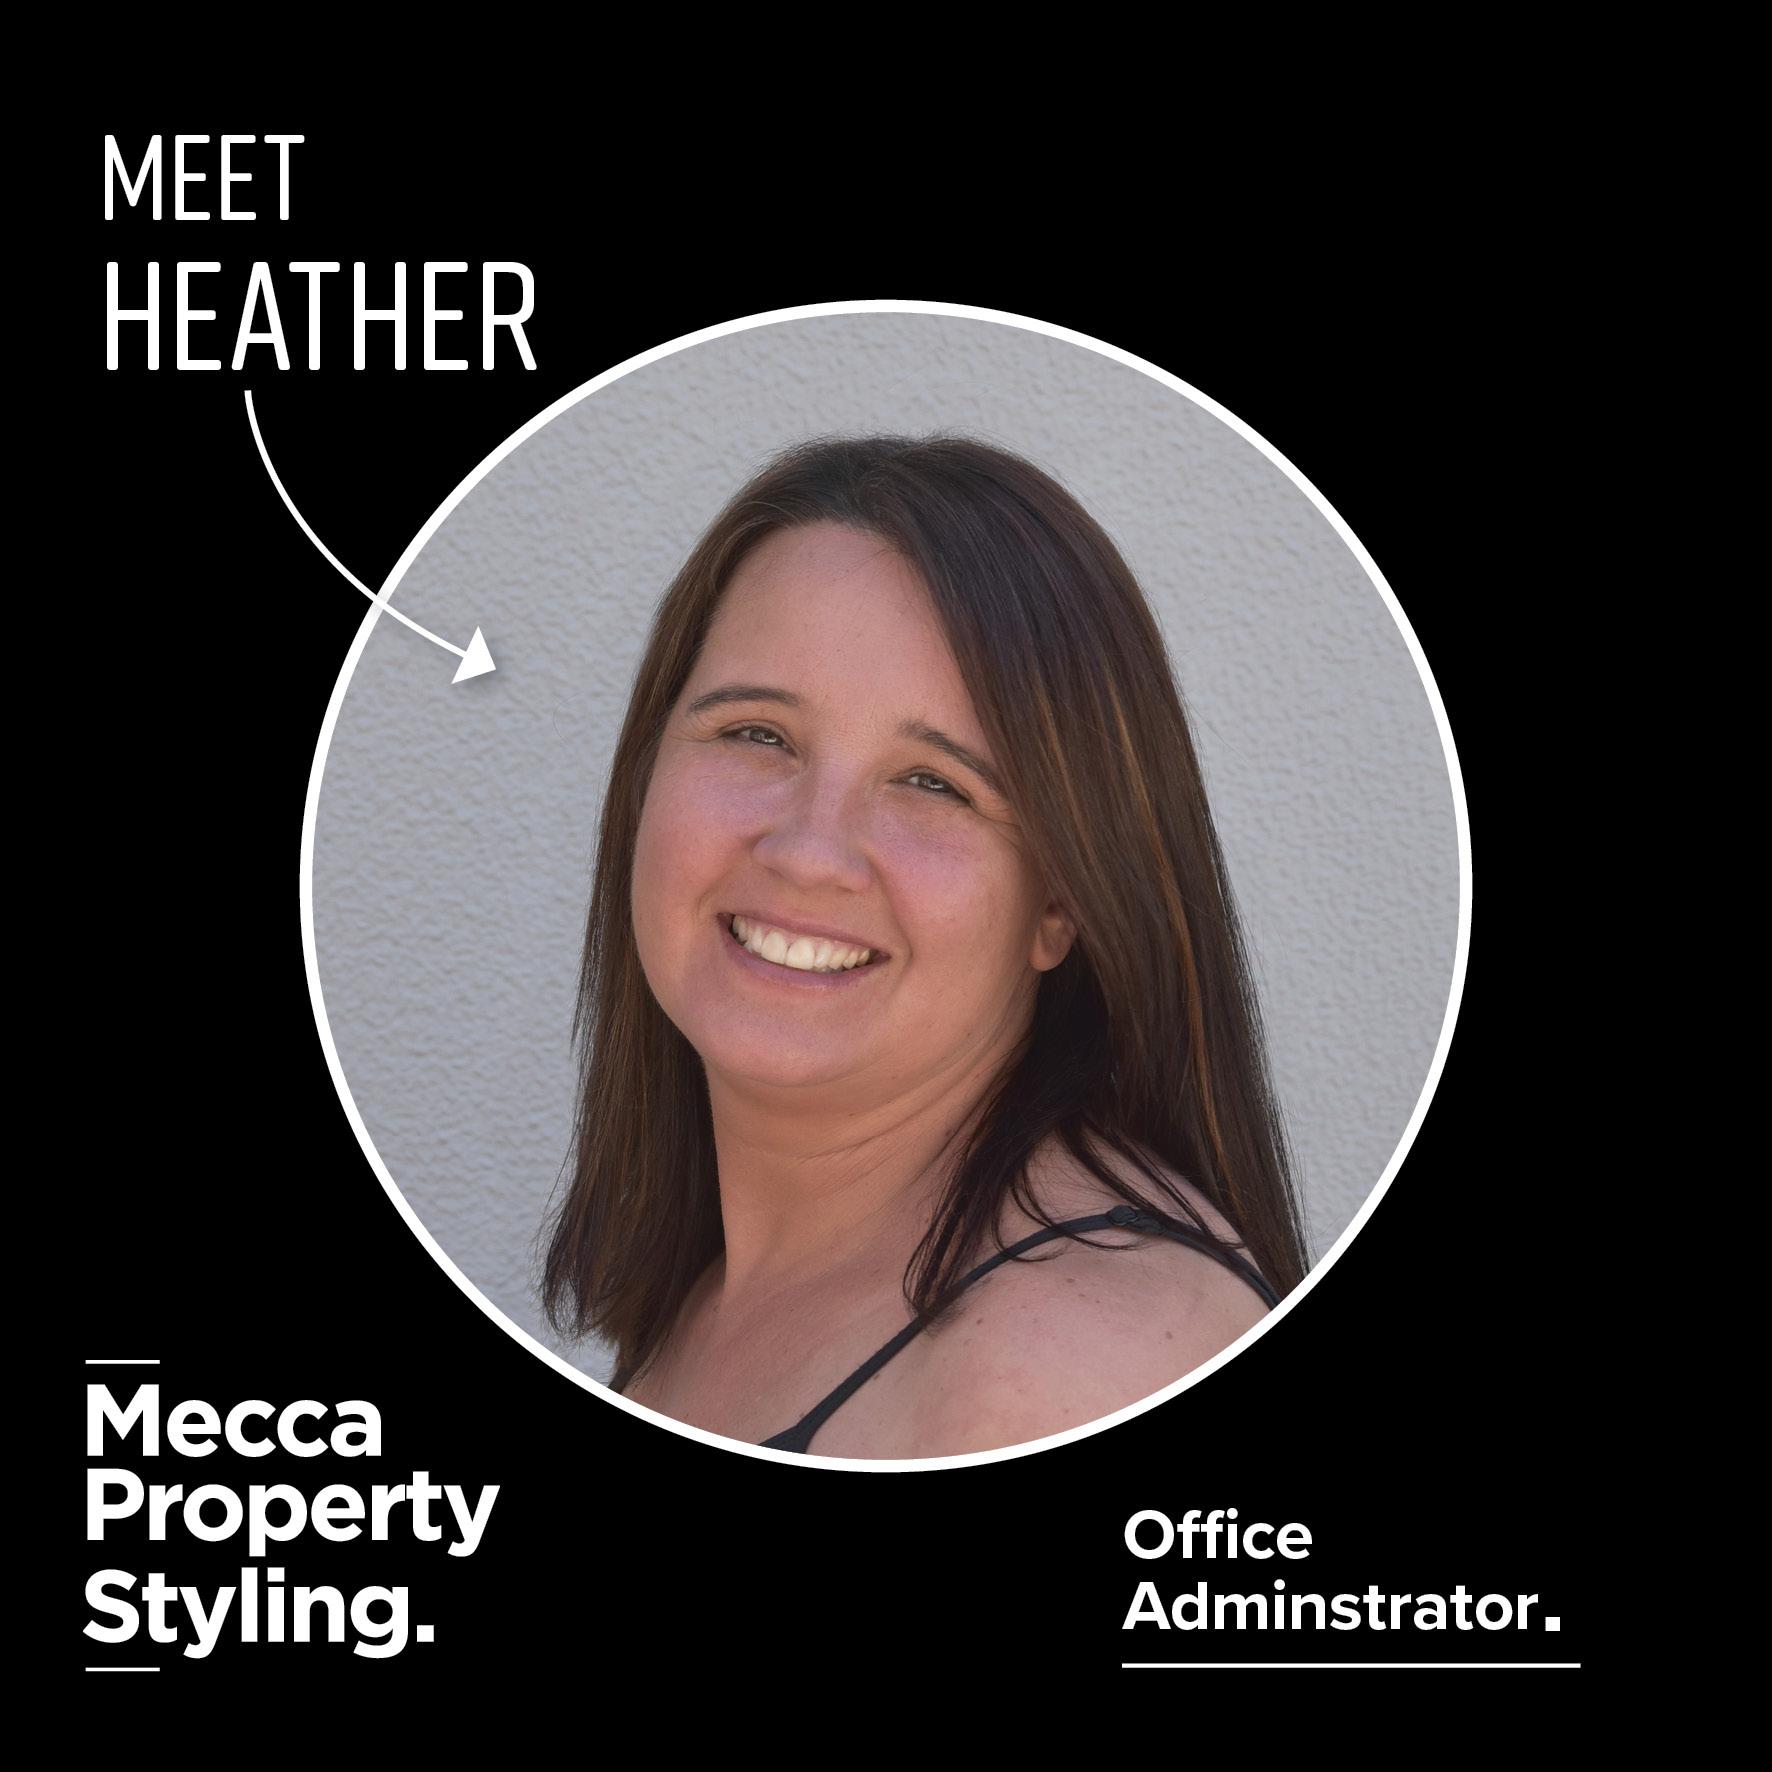 Mecca Staff Heather.jpg